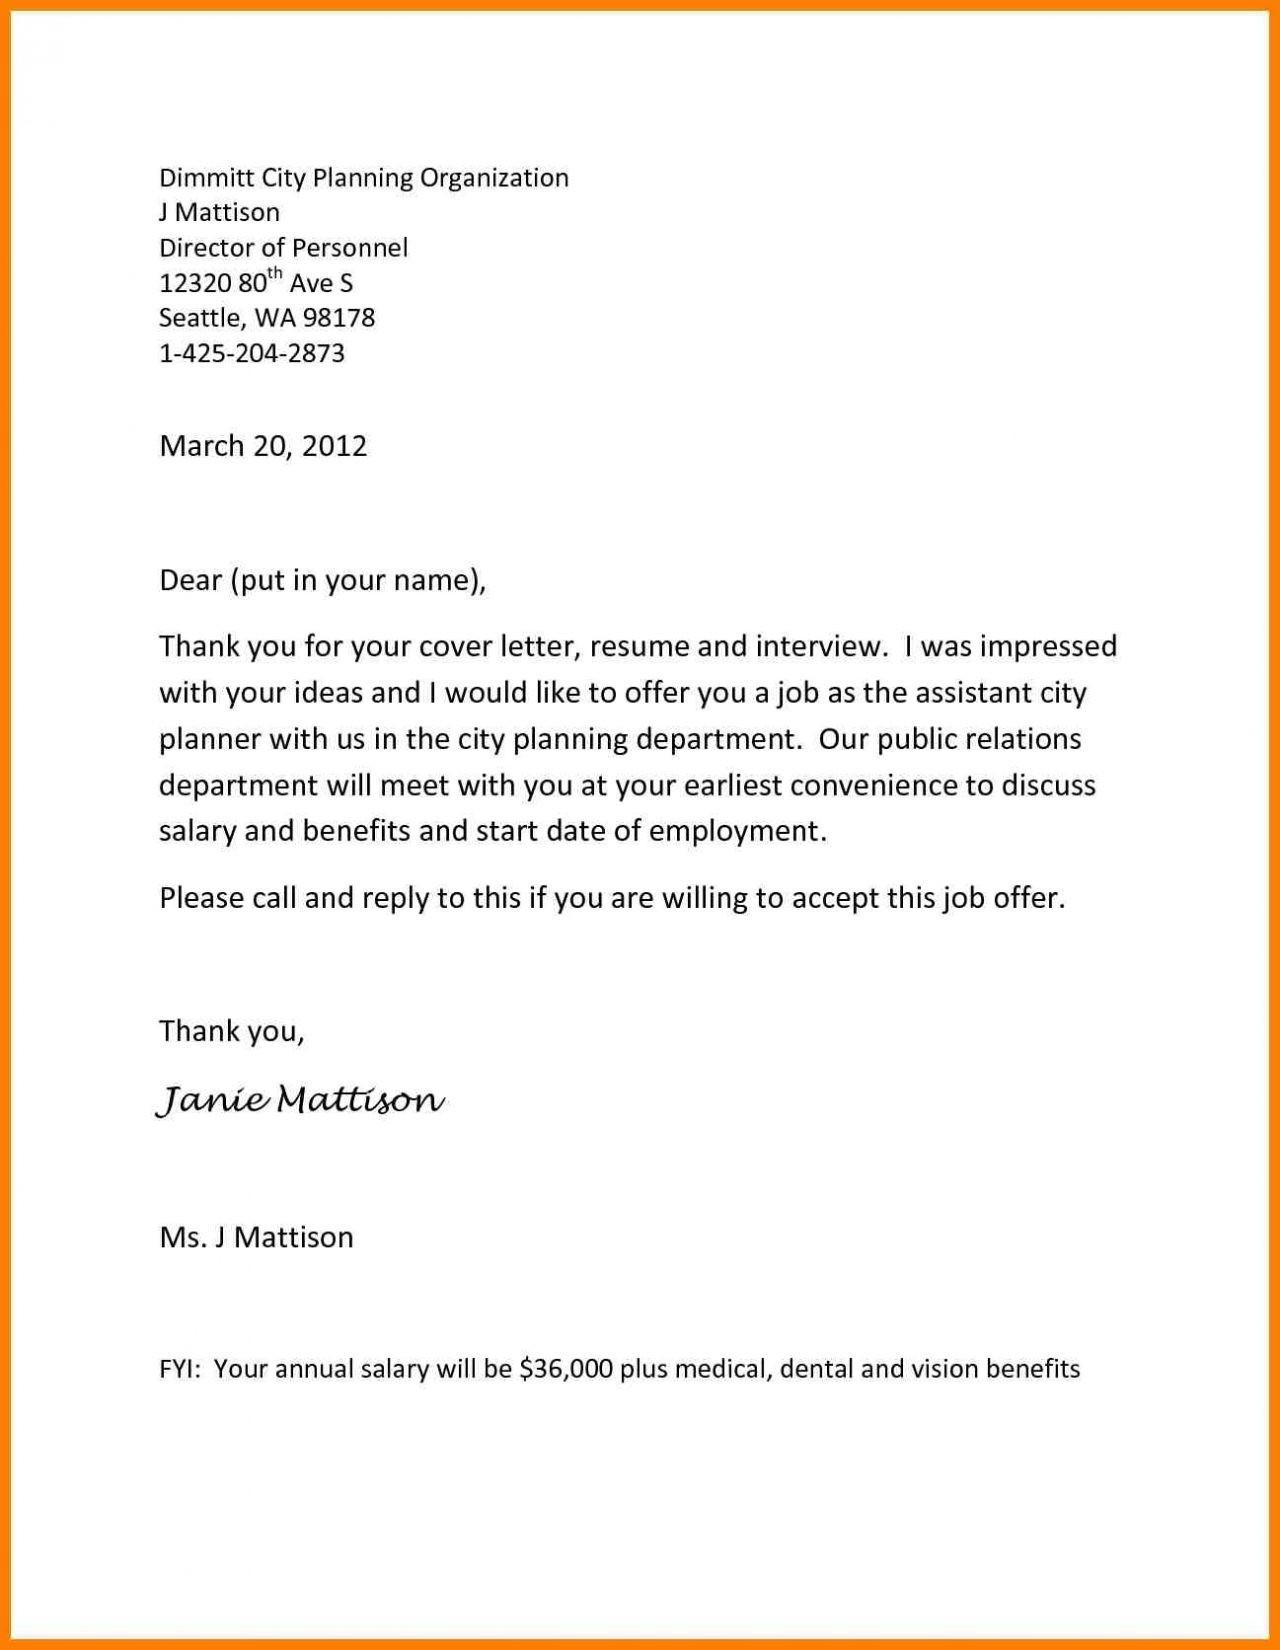 New Employee Offer Letter Template - Job Fer Letter Template Us Copy Od Consultant Cover Letter Fungram